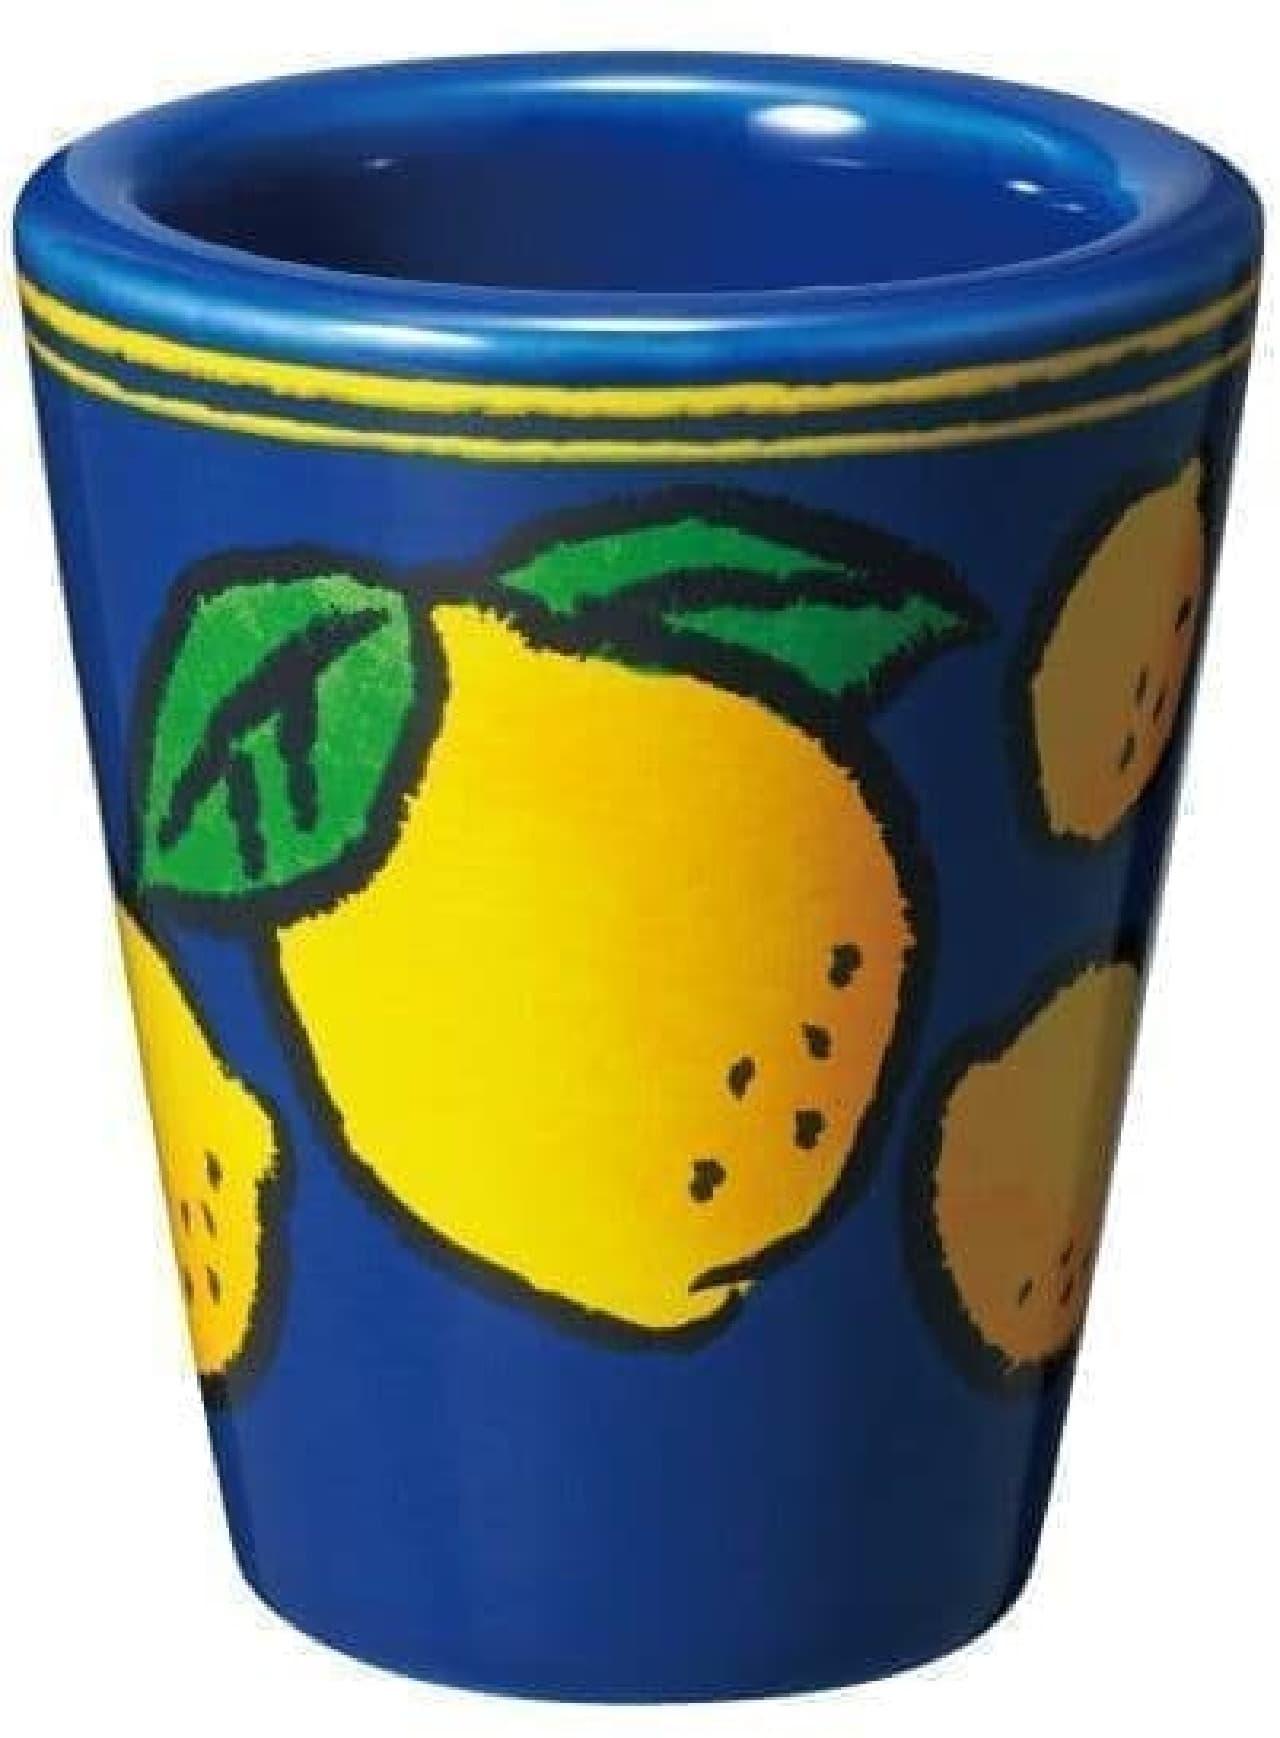 カルディ「リモンチェッロ」を買うともらえる陶器ショットグラス